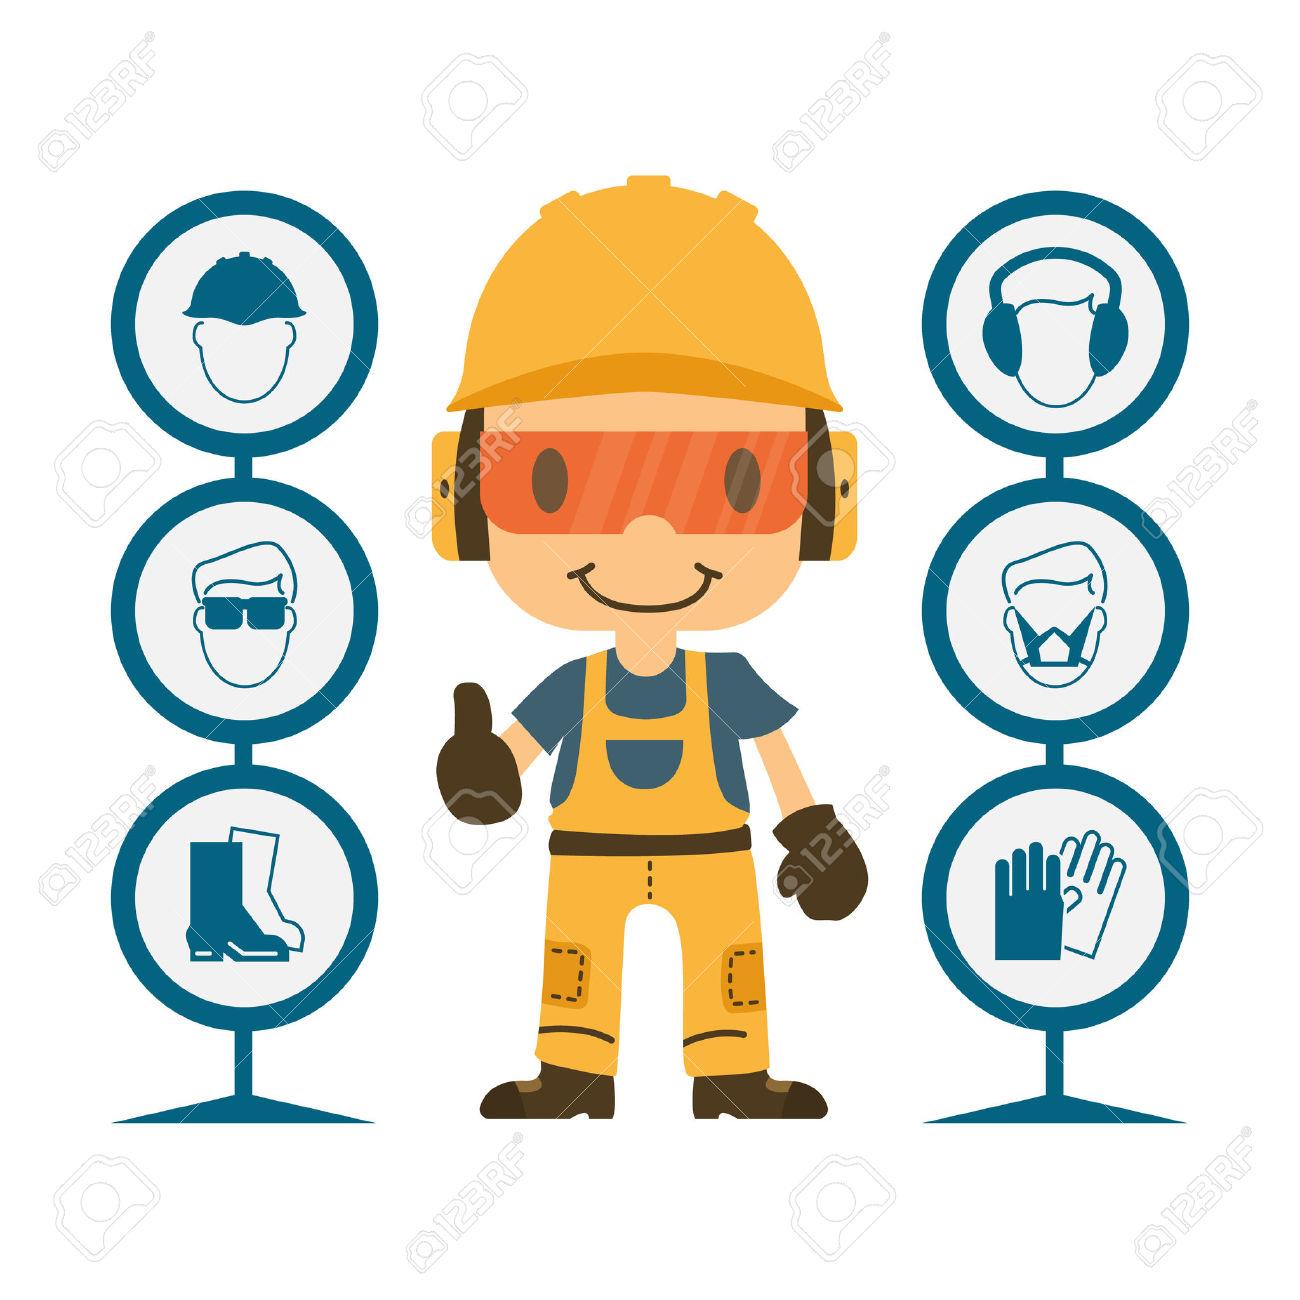 Higiene Y Seguridad Seguridad E Higiene Imagenes De Seguridad Salud Y Seguridad